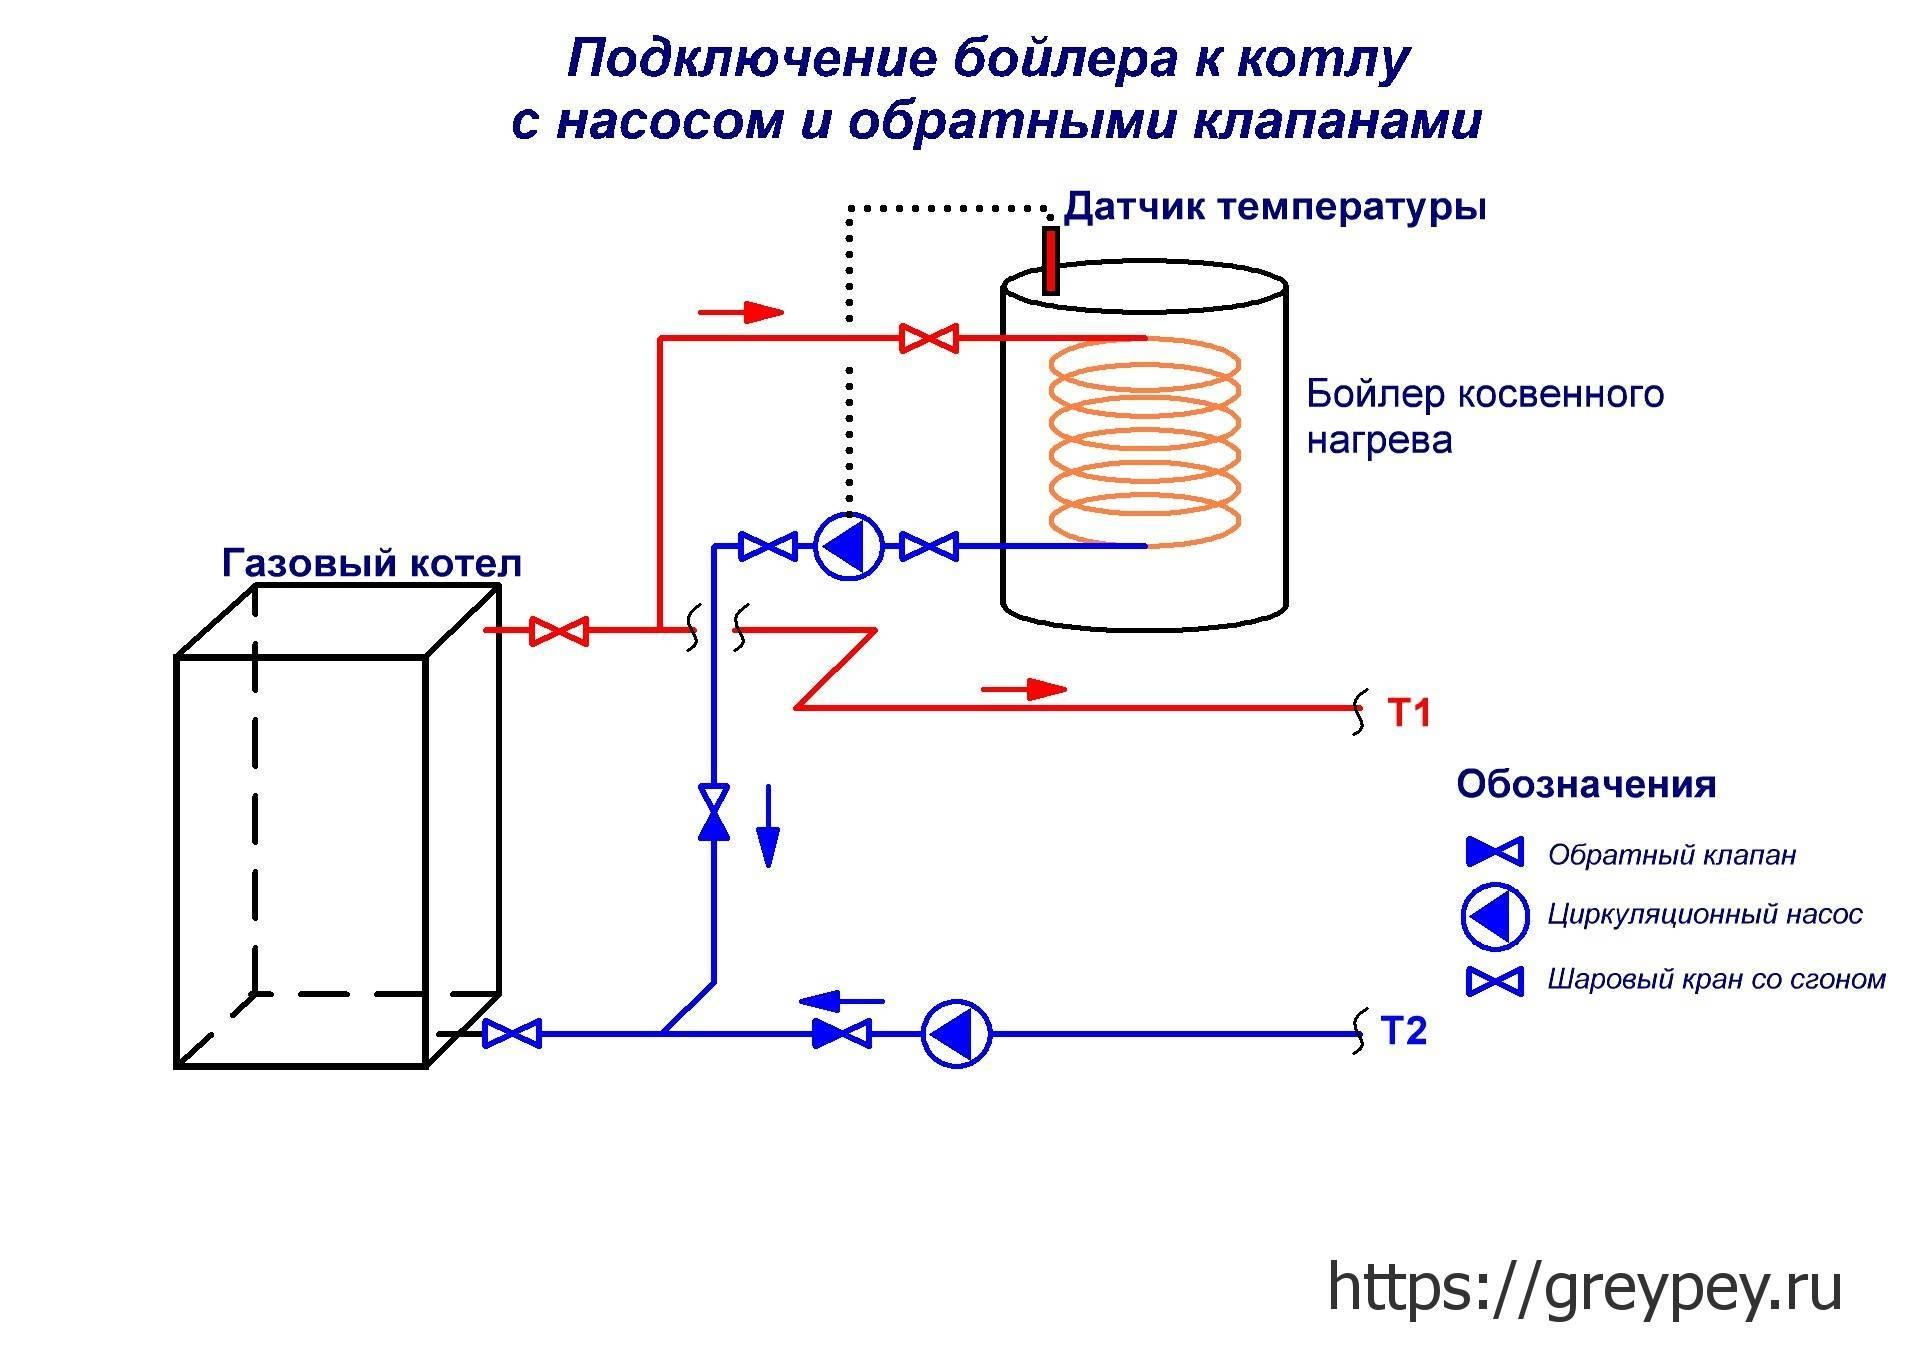 Подключение бойлера косвенного нагрева к газовому котлу | грейпей